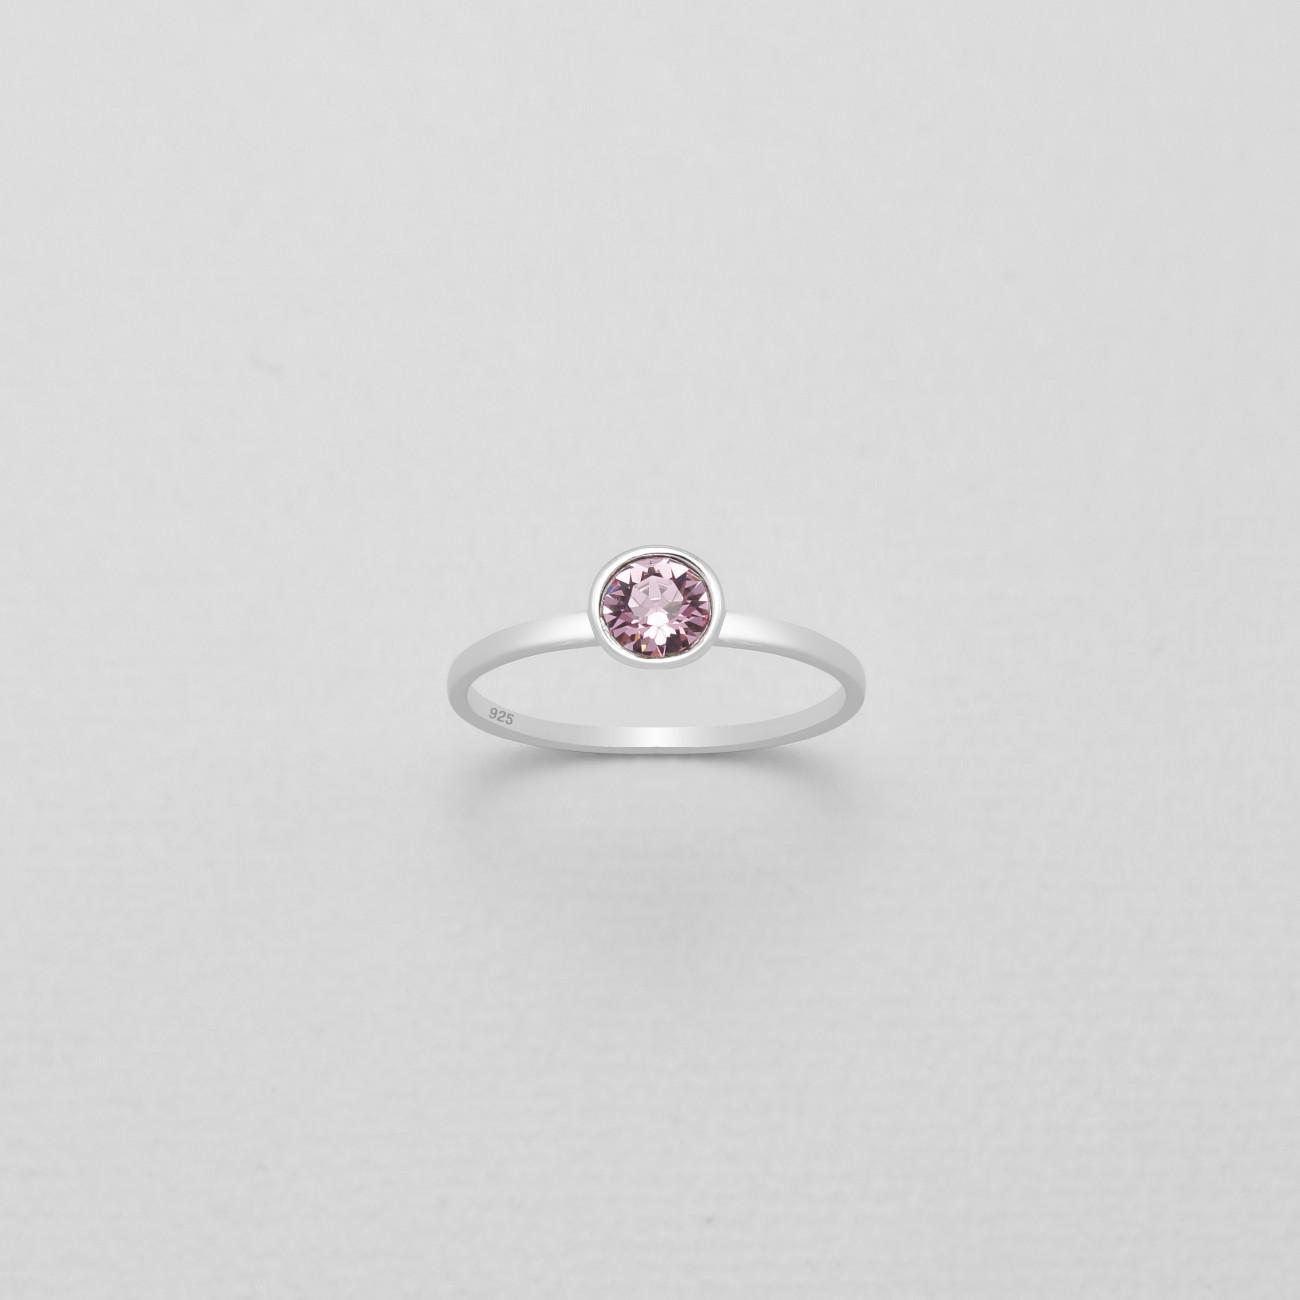 Stříbrný prstýnek s pravým krystalem Swarovski - růžový